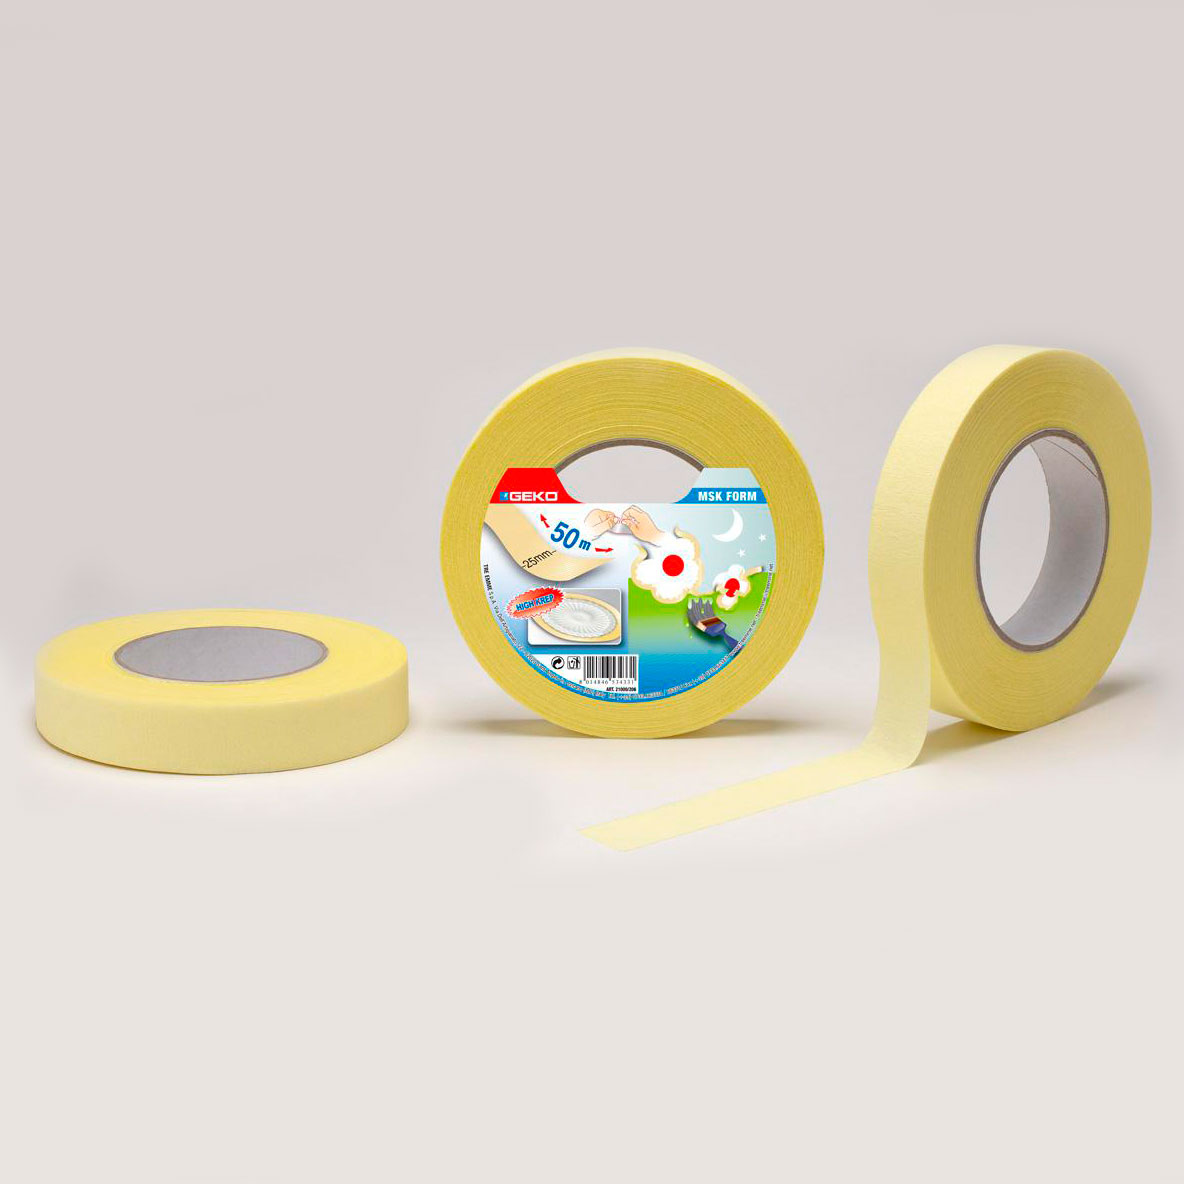 Cinta Masking Krep 25Mmx50Mts  Para Pintar Lineas Circulares Y Curvas